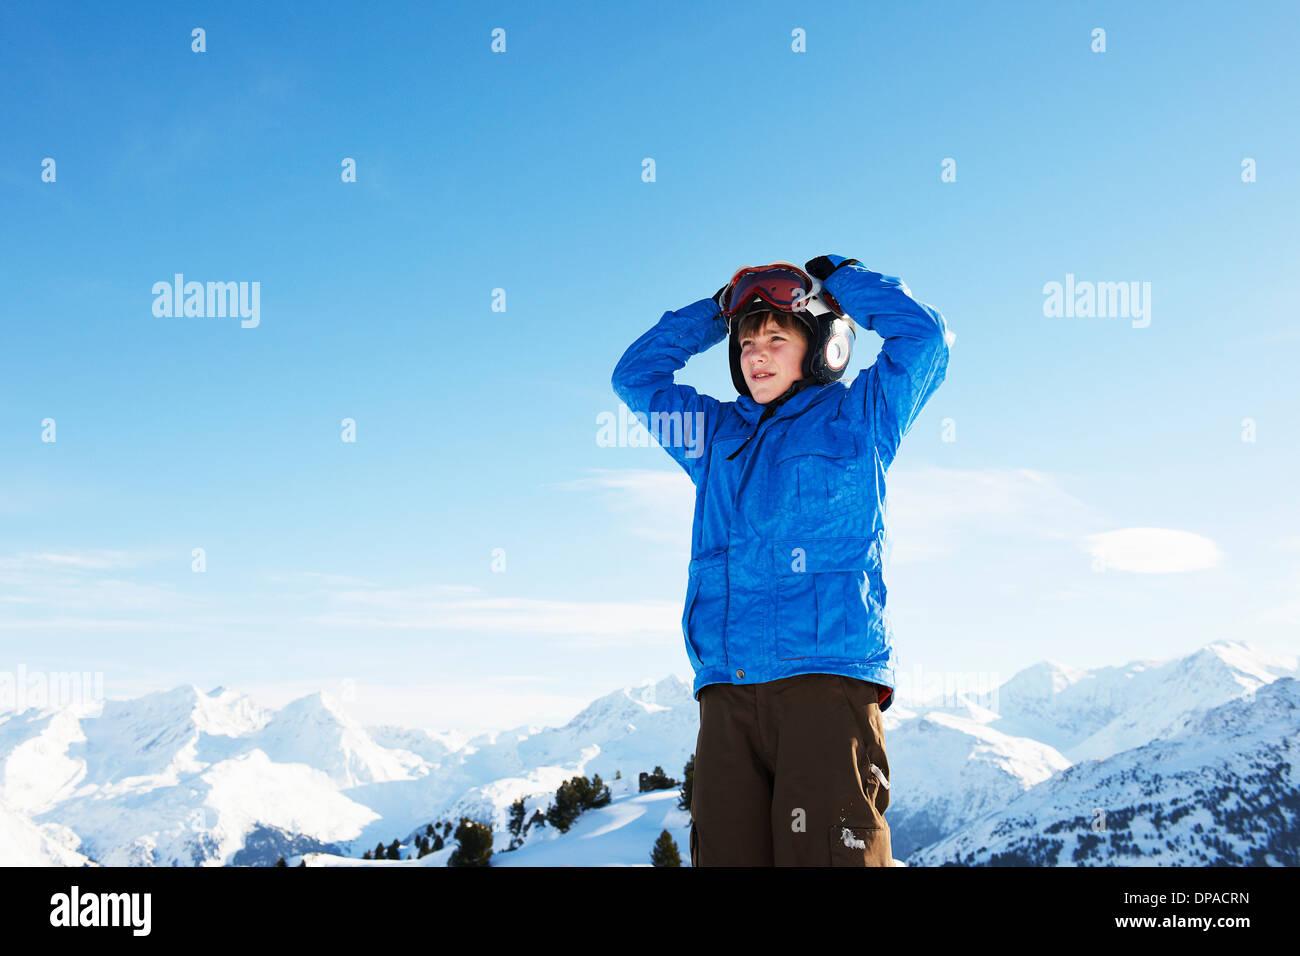 Ritratto di ragazzo con le mani sul capo, Les Arcs, Alta Savoia, Francia Immagini Stock